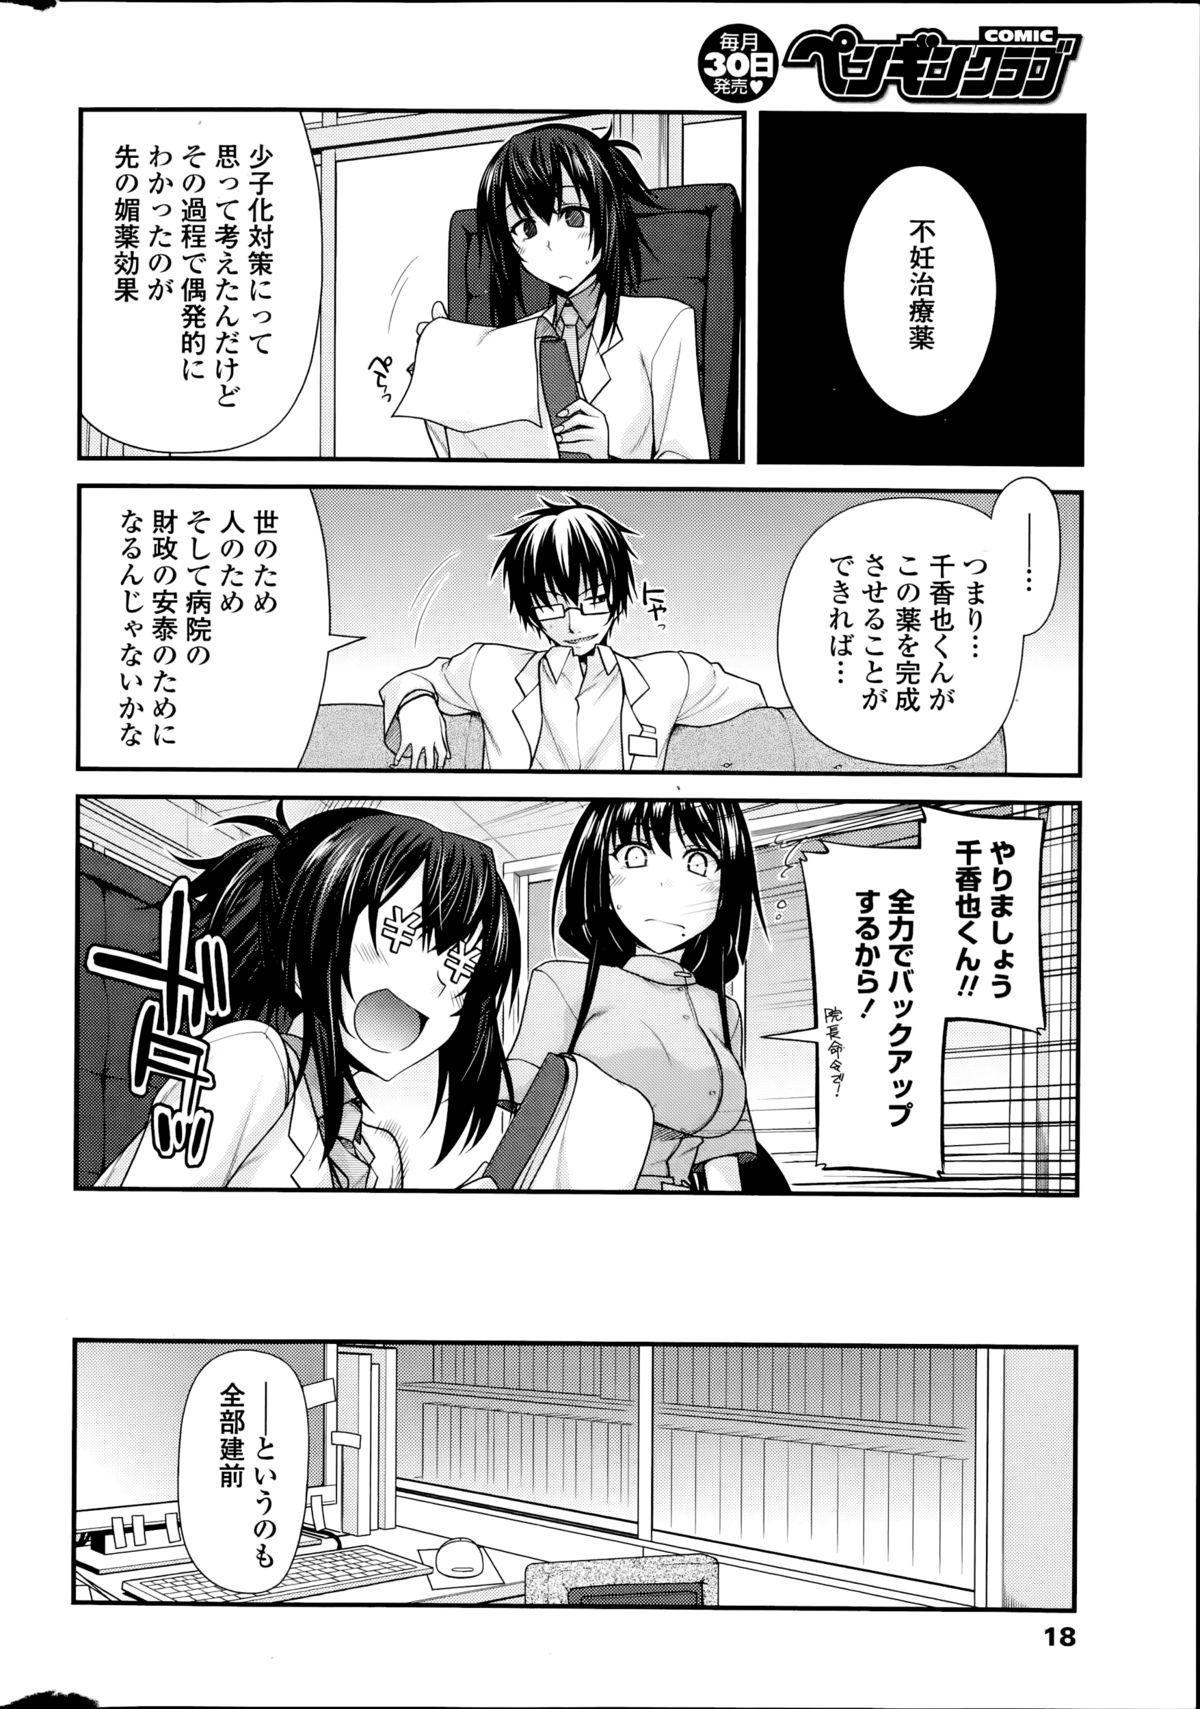 Yumemirukusuri Ch.1-3 5